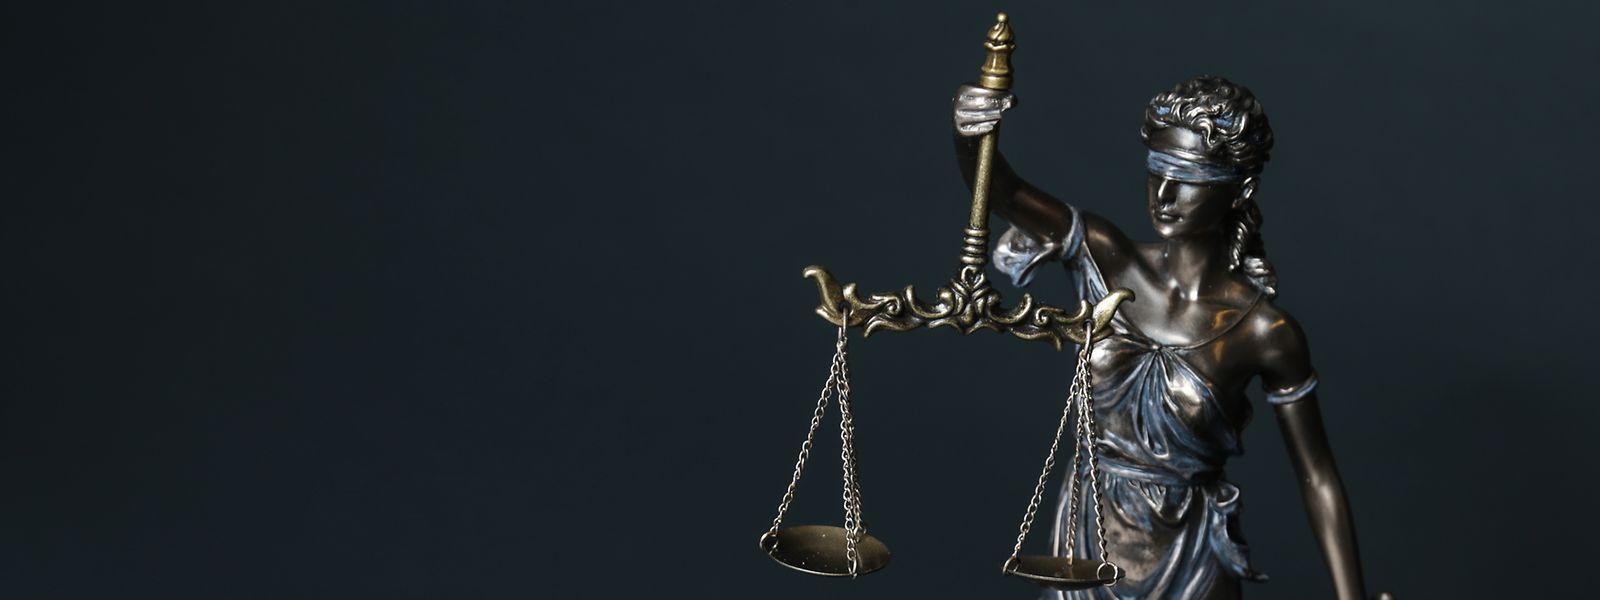 Anwälte sehen die Rechte der Verteidigung gefährdet.